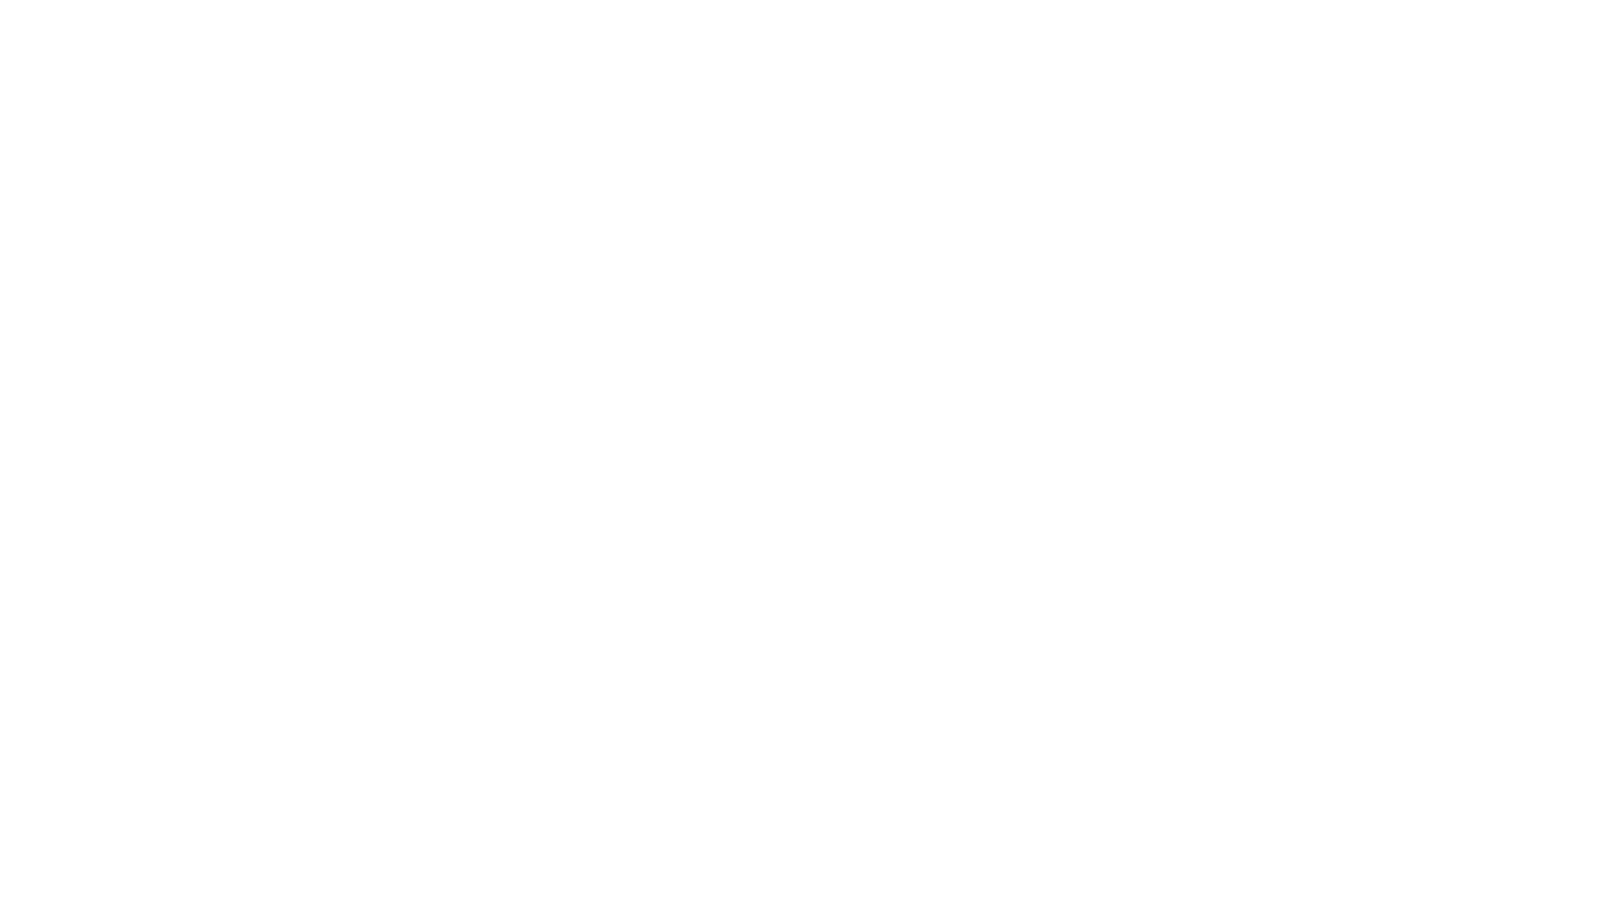 Помочь проекту:  donate.stream: https://bit.ly/3z5tnFB  Карта Сбер: 4276-1600-2591-5647 ЮMoney/Яндекс.Деньги: 41001413162406  Всемирная история к ЕГЭ. Древний мир и Раннее Средневековье Ссылка на файл с синхронистической таблицей события зарубежной и российской истории: https://disk.yandex.ru/i/Wp-CdNw9nJ30RQ #АлексейГончаров #ЕГЭ #История  Лекции по истории России: https://bit.ly/3titX1o Лекции по истории Средних веков: https://bit.ly/3tkcBl6 Лекции по истории Древнего мира: https://bit.ly/3naaOhc